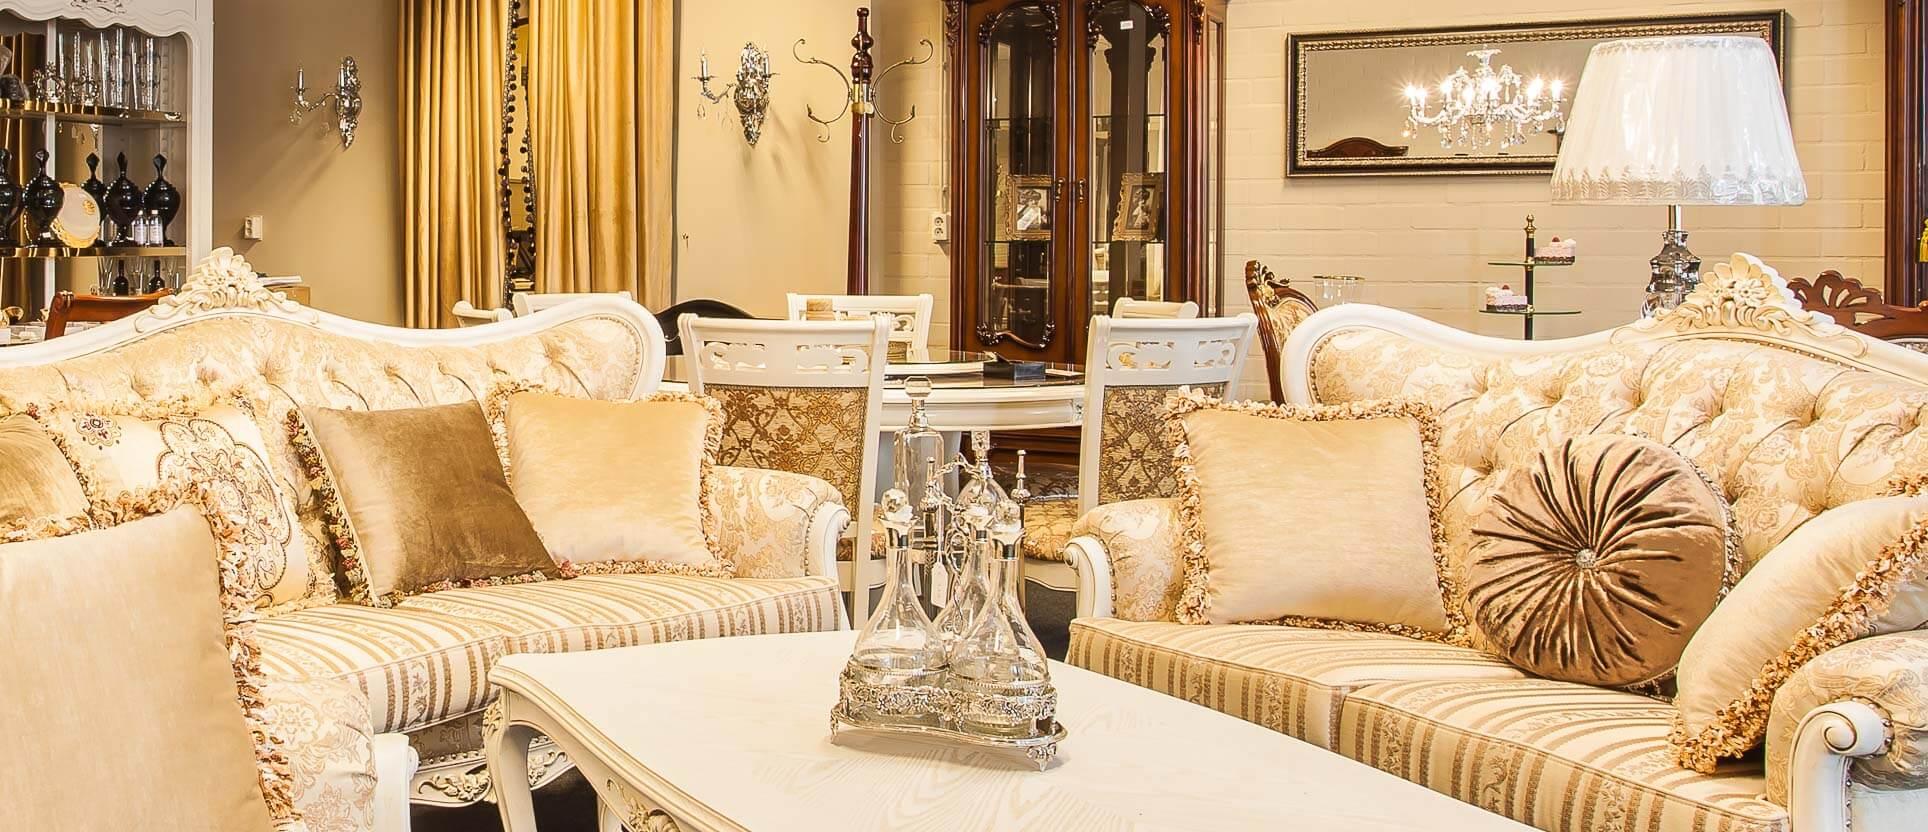 Home baroque exclusieve meubelen - Barokke stijl kamer ...